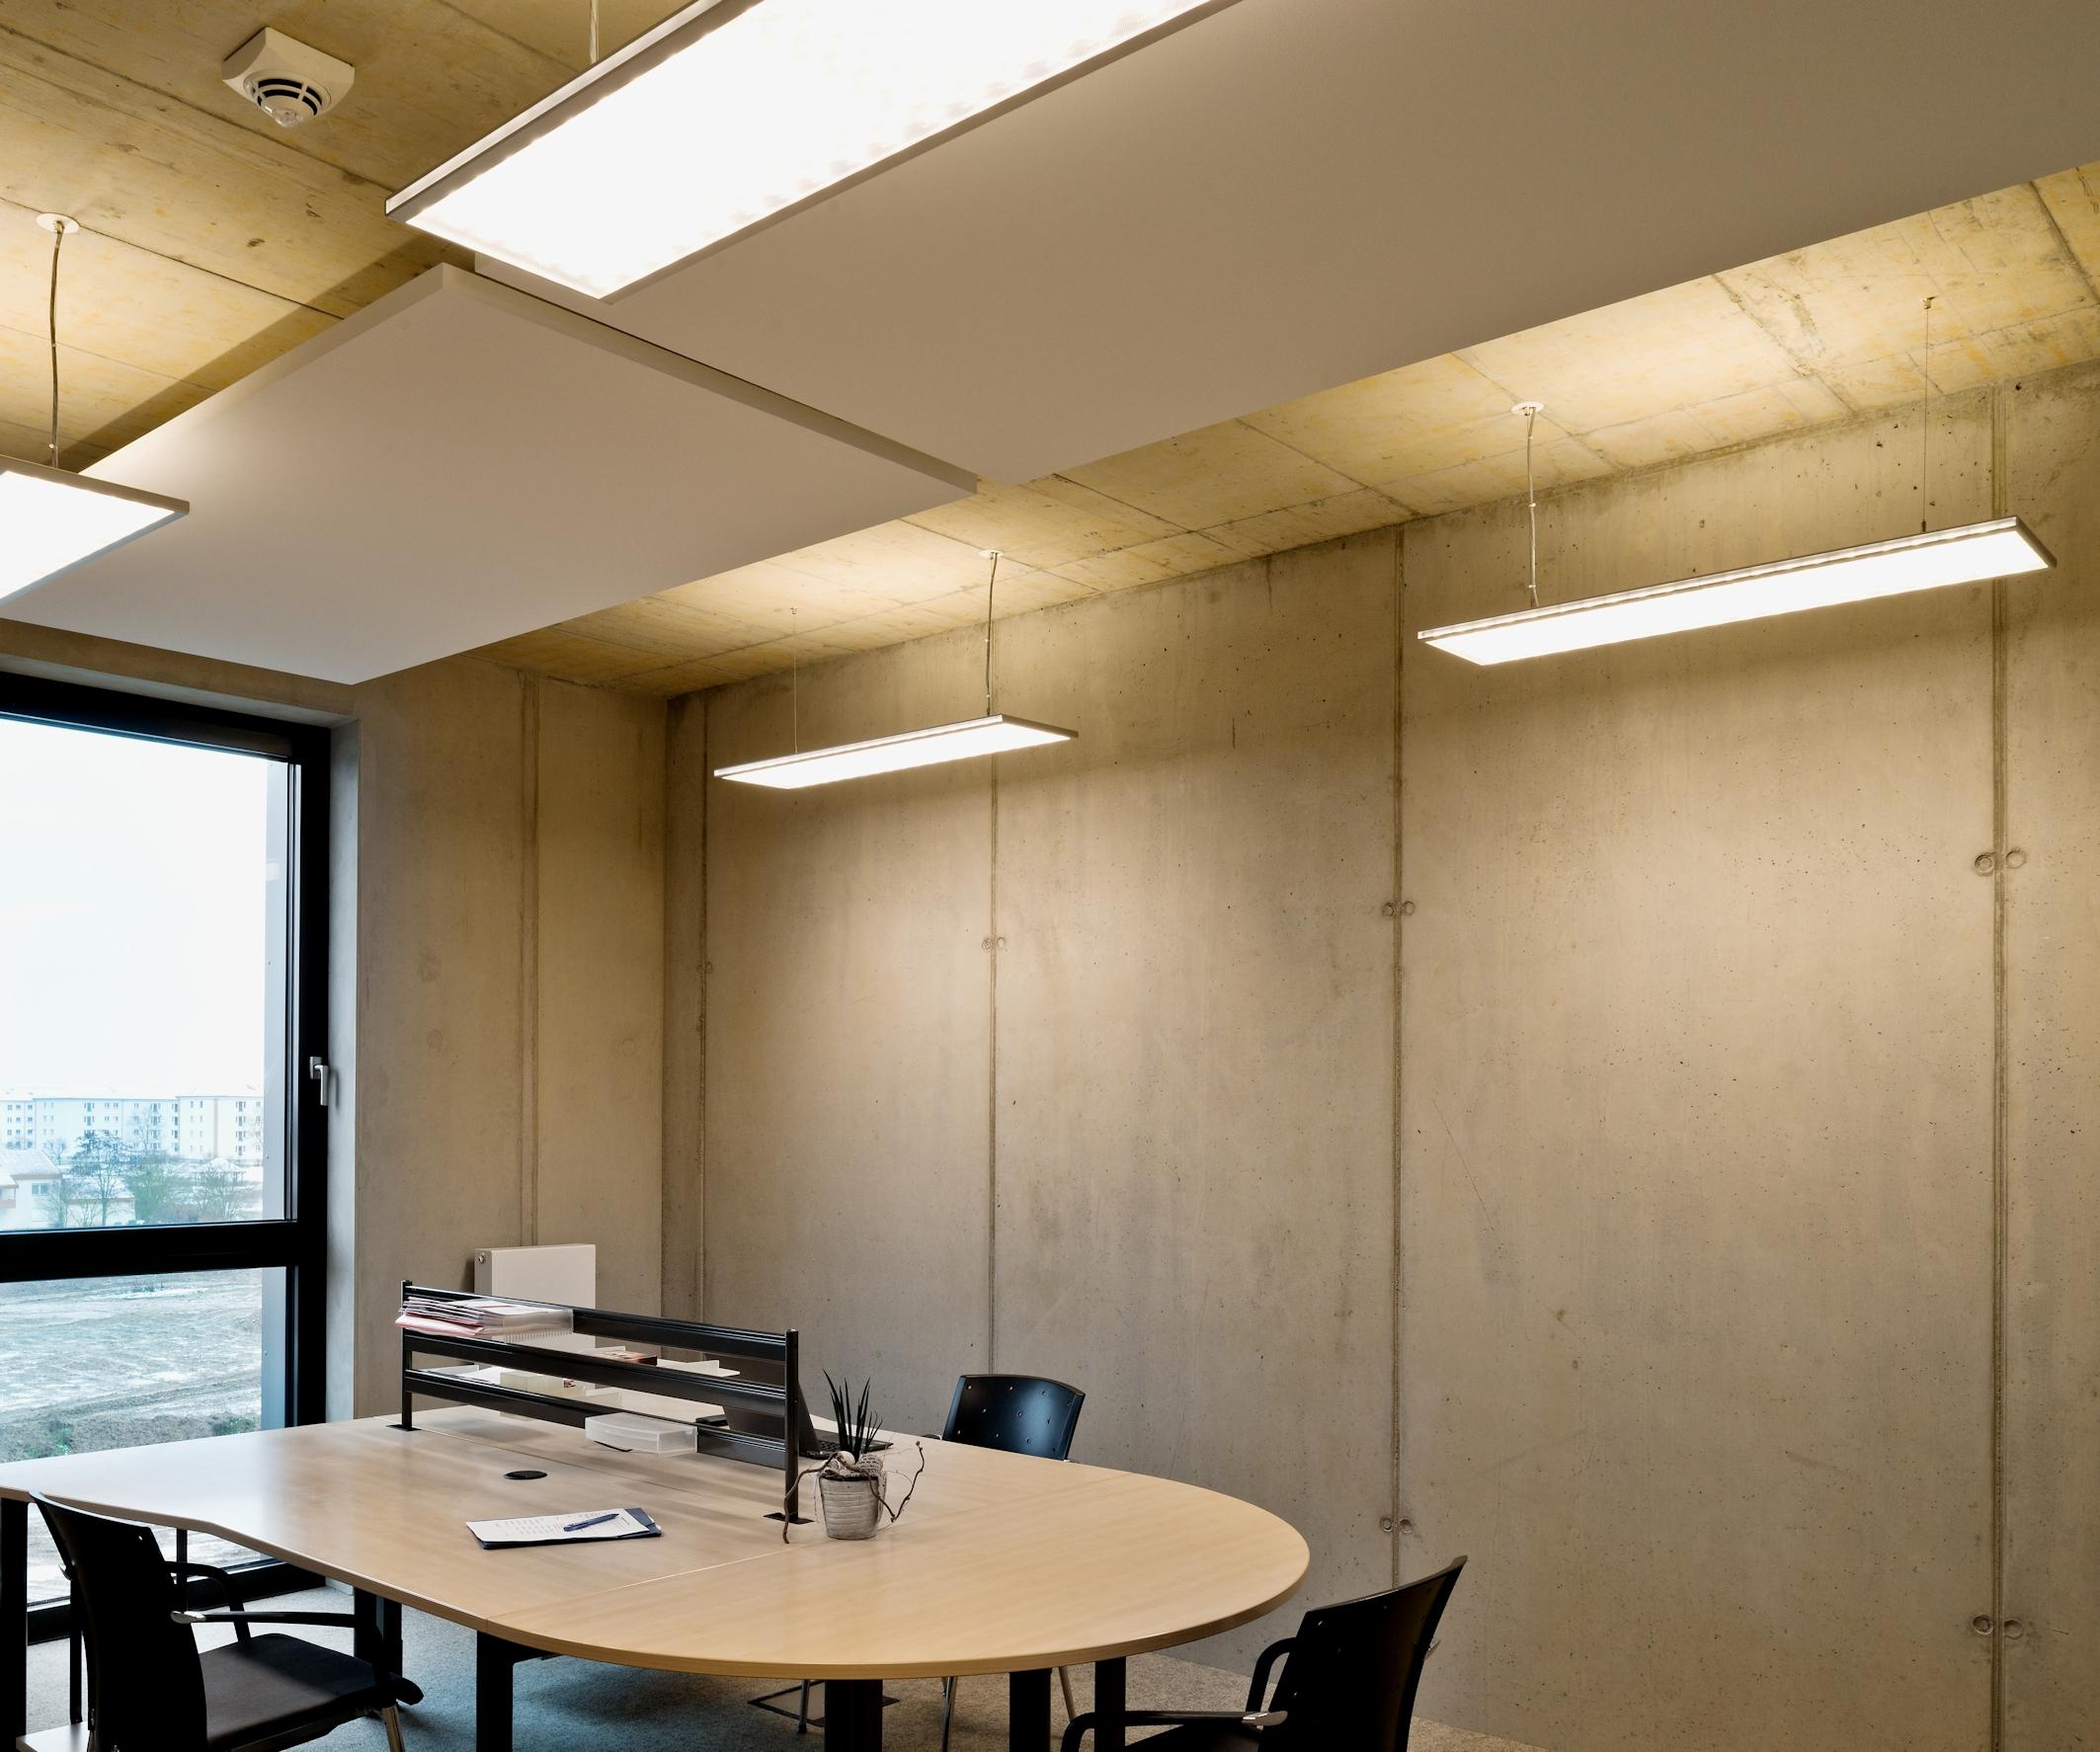 Effizientes Energiekonzept und Licht fürs Wohlbefinden